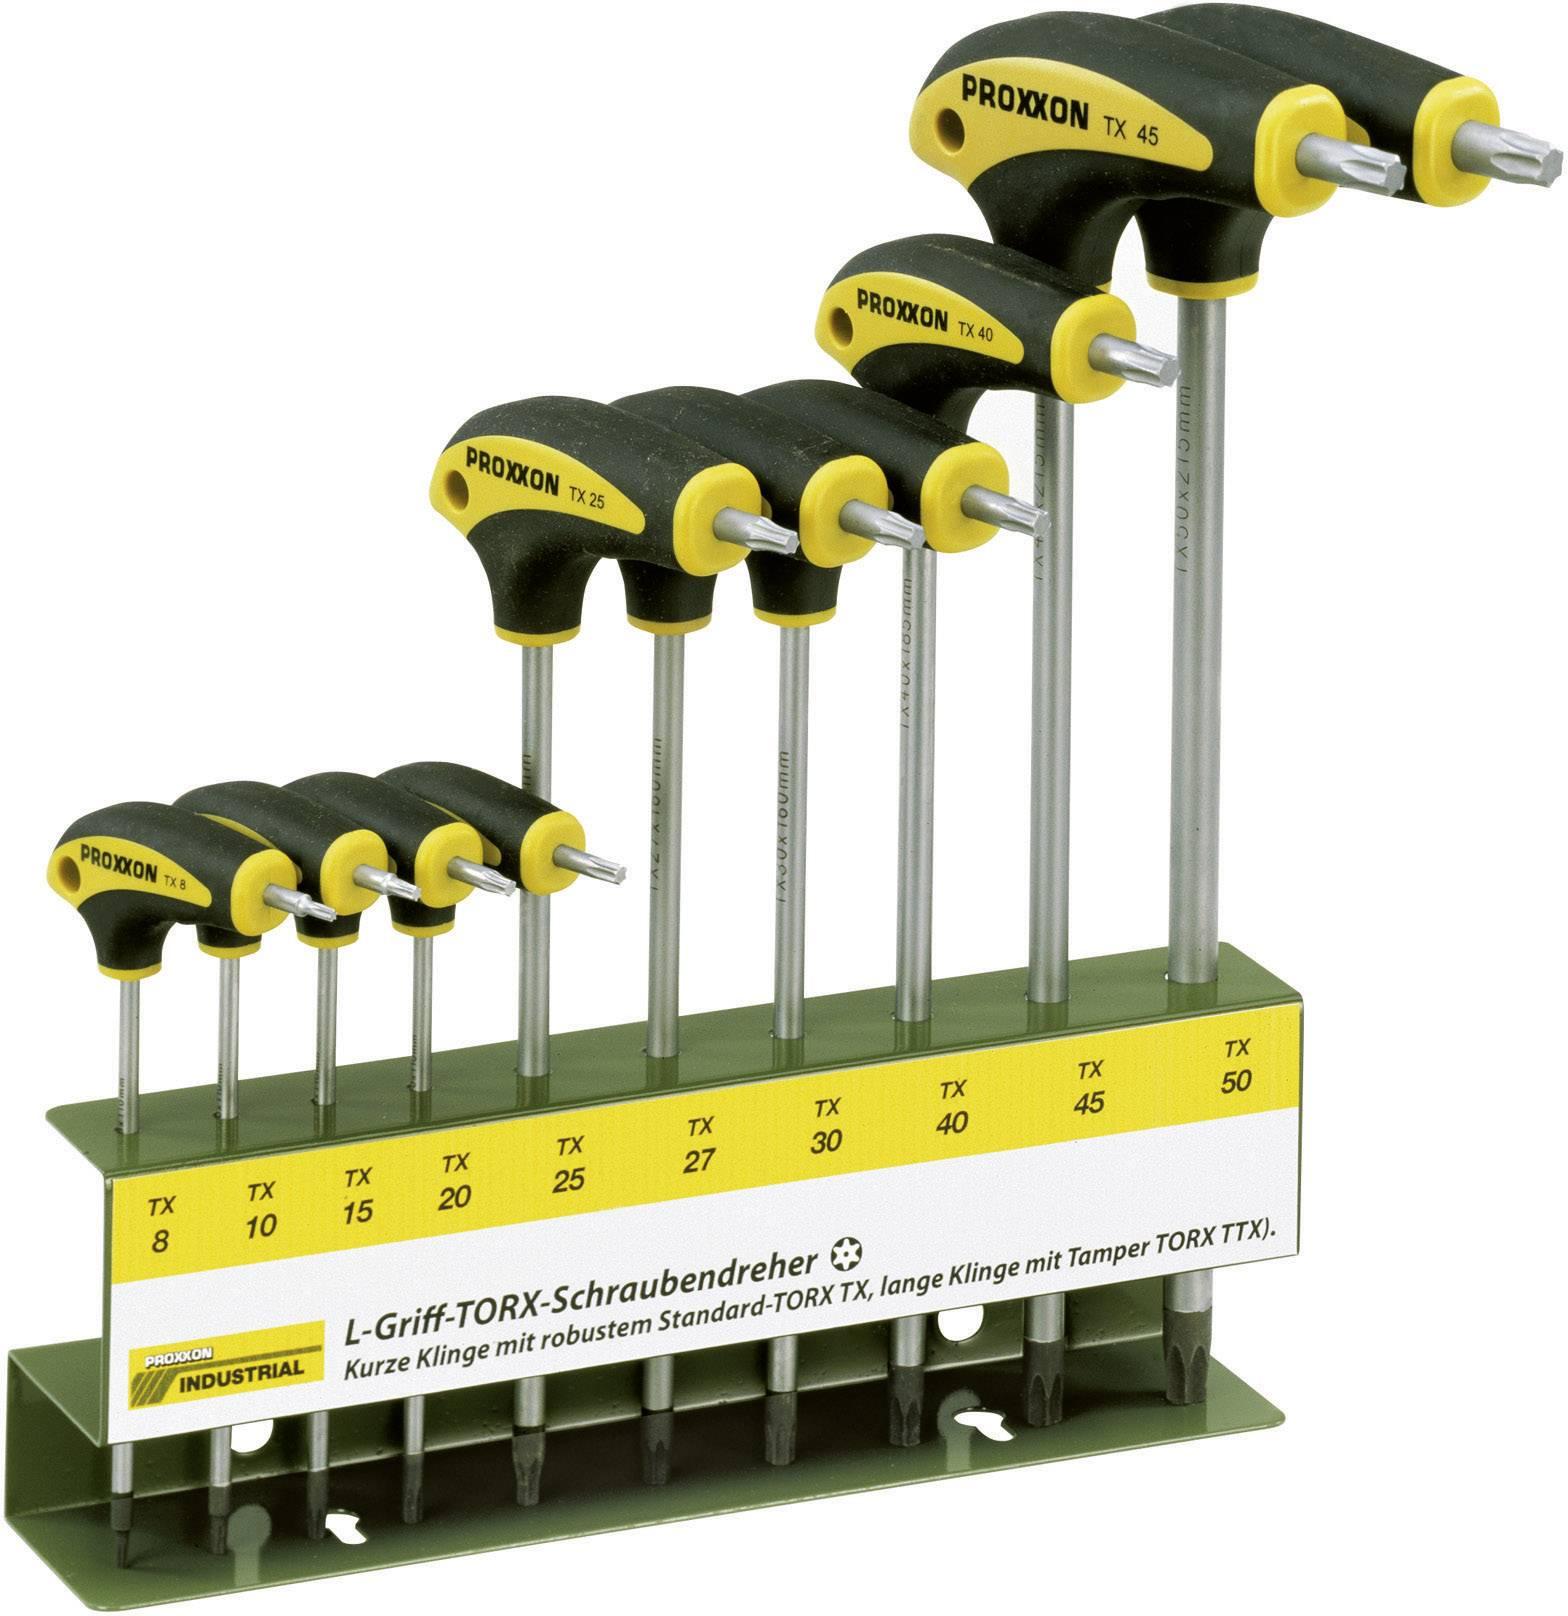 Súprava skrutkovačov Proxxon Industrial TORX® BO L-hantag 22652, 10-dielna